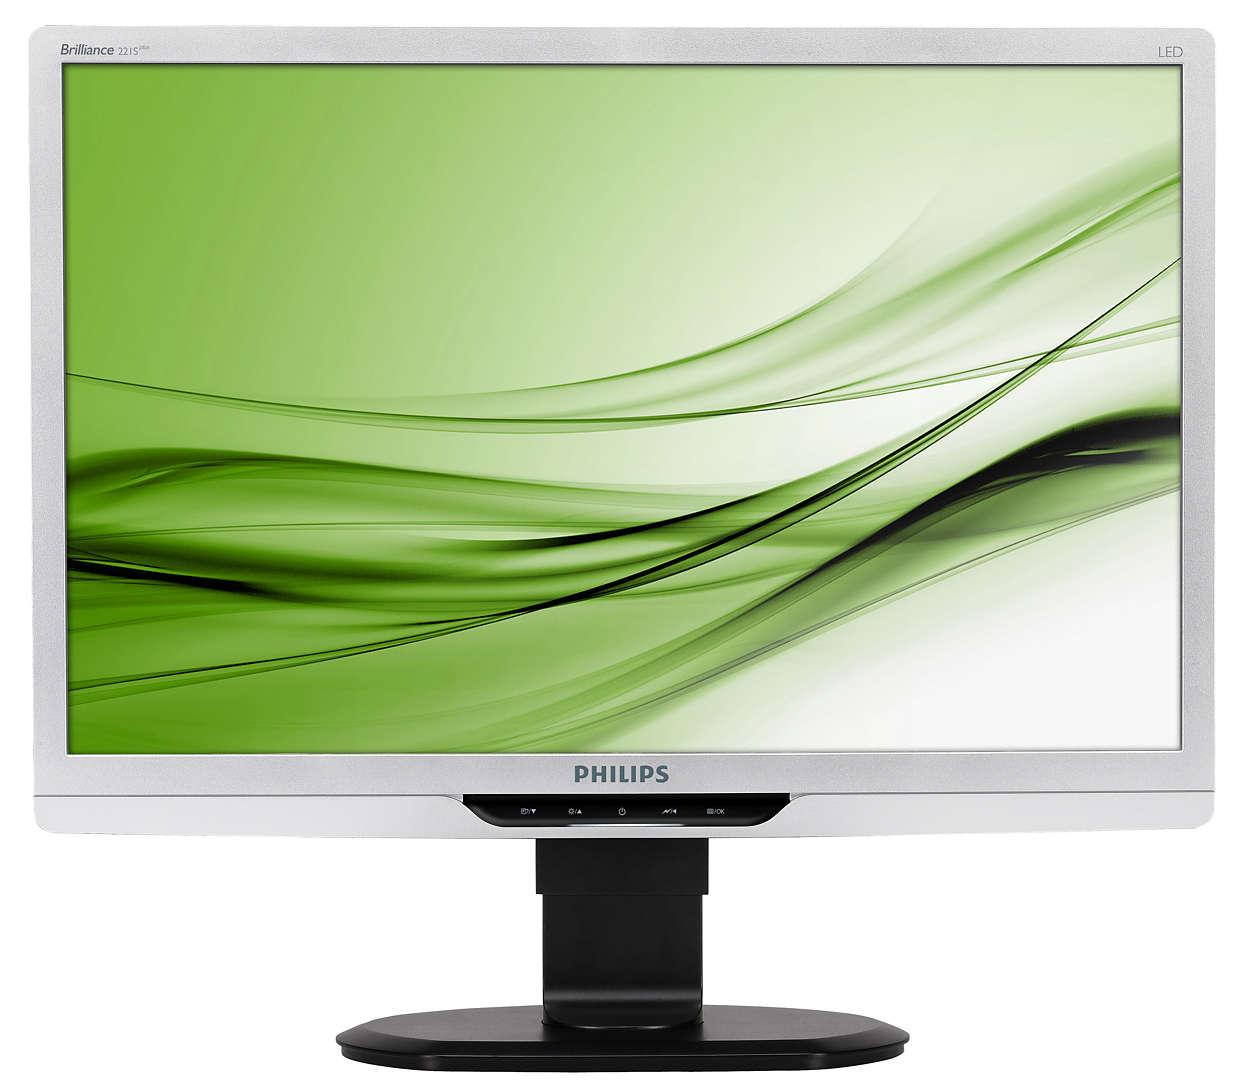 Schermo ergonomico a LED per una maggiore produttività